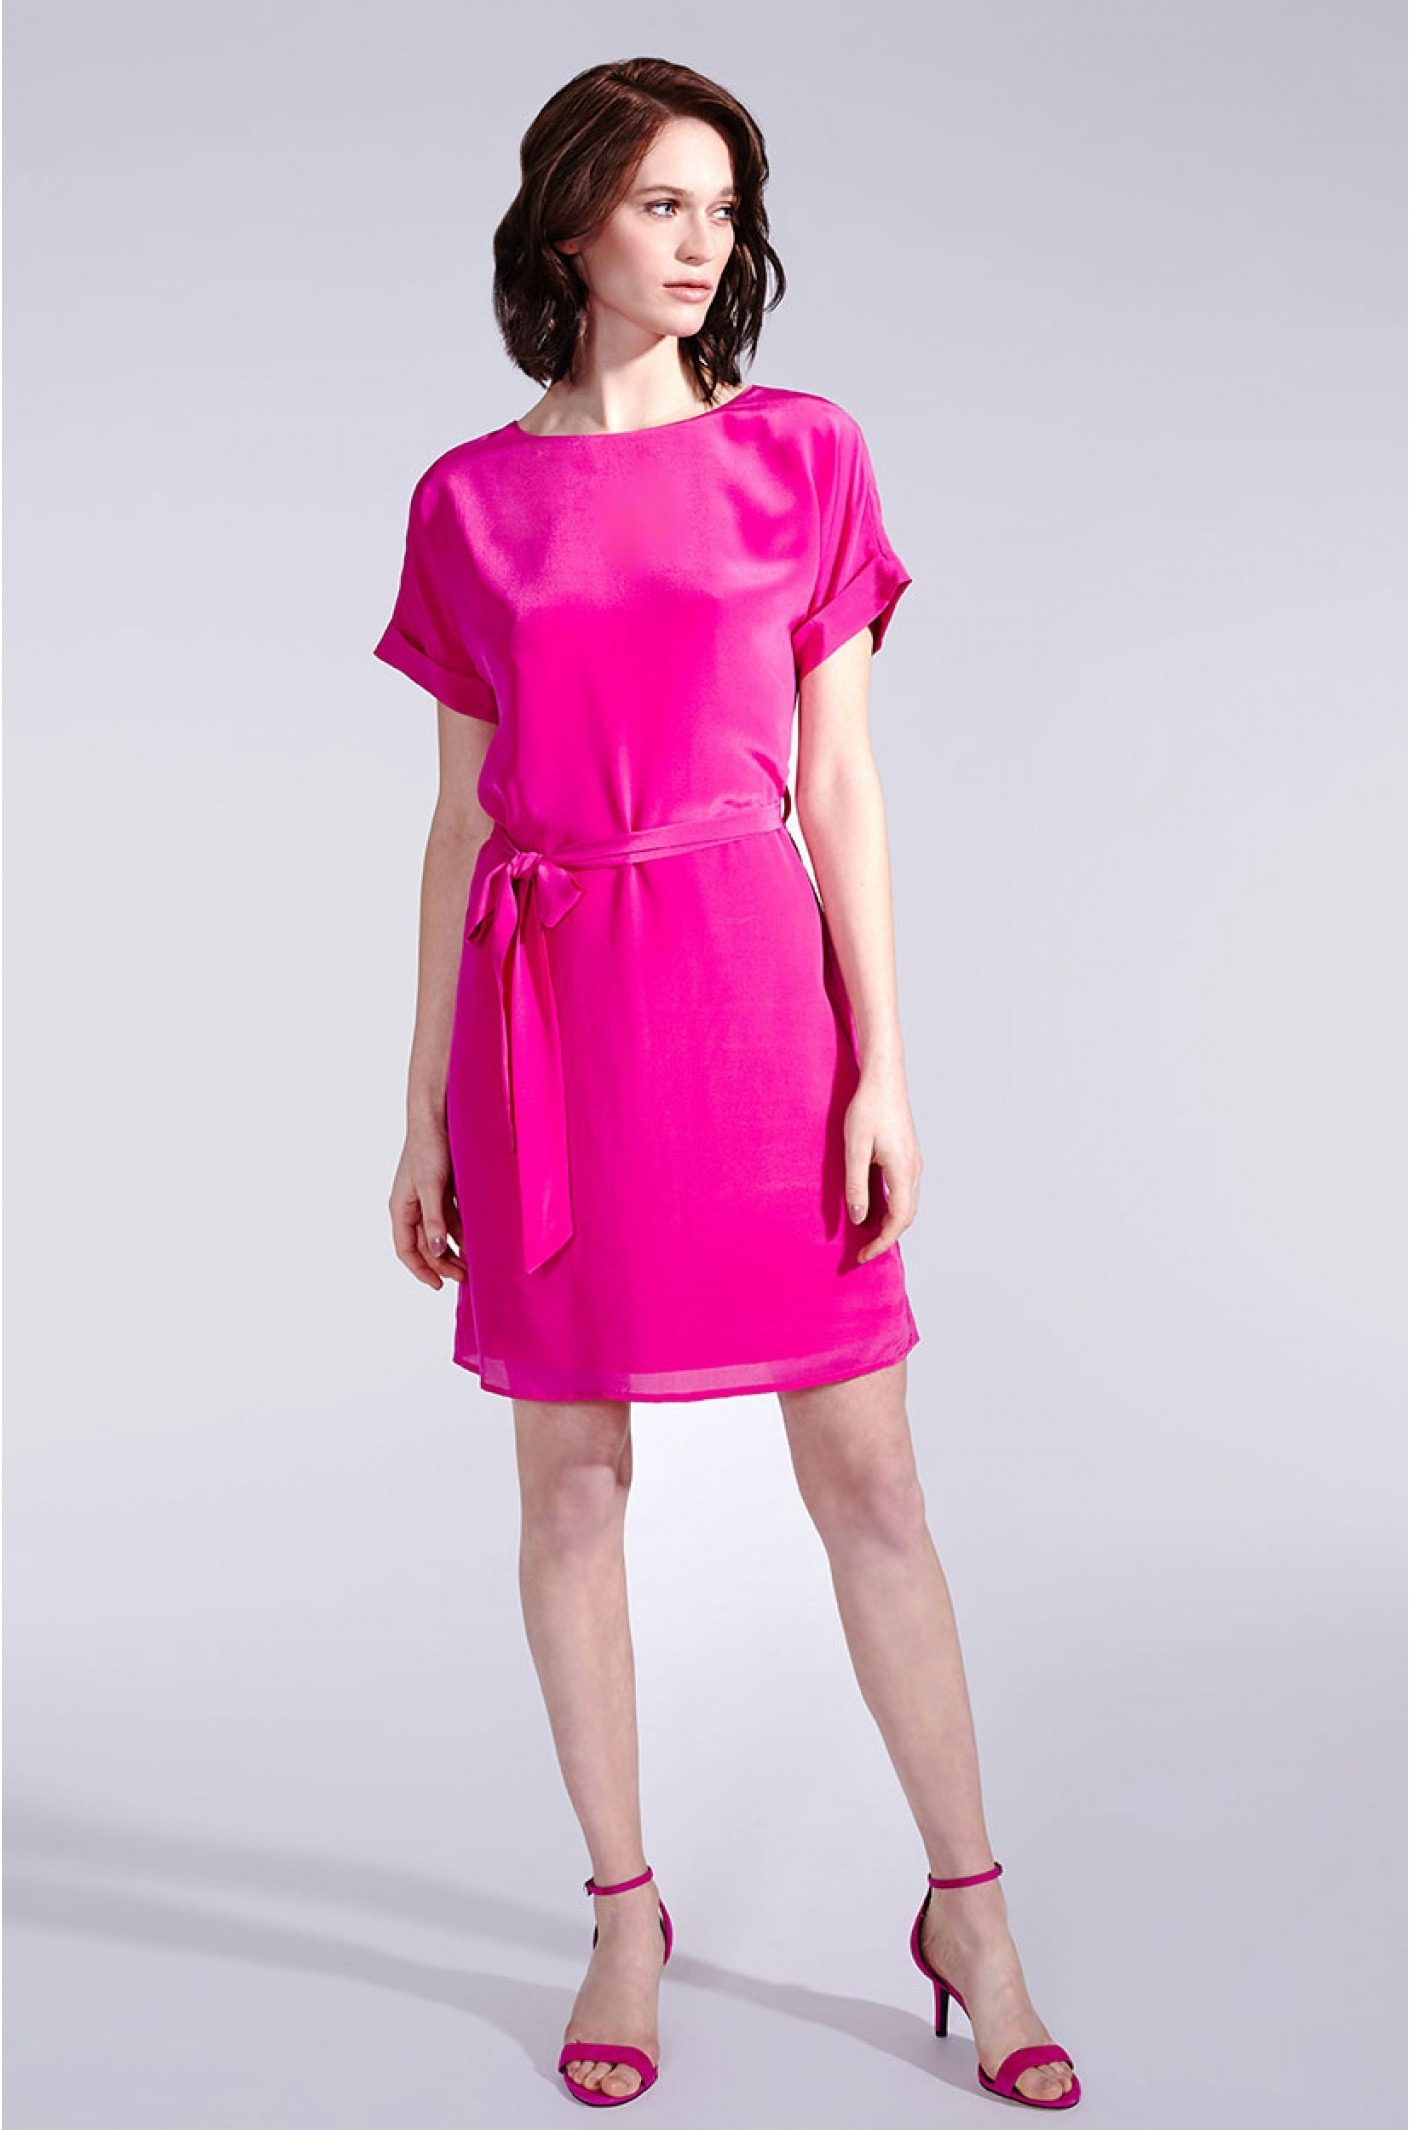 20 Kreativ Elegante Seidenkleider Bester PreisAbend Spektakulär Elegante Seidenkleider Spezialgebiet